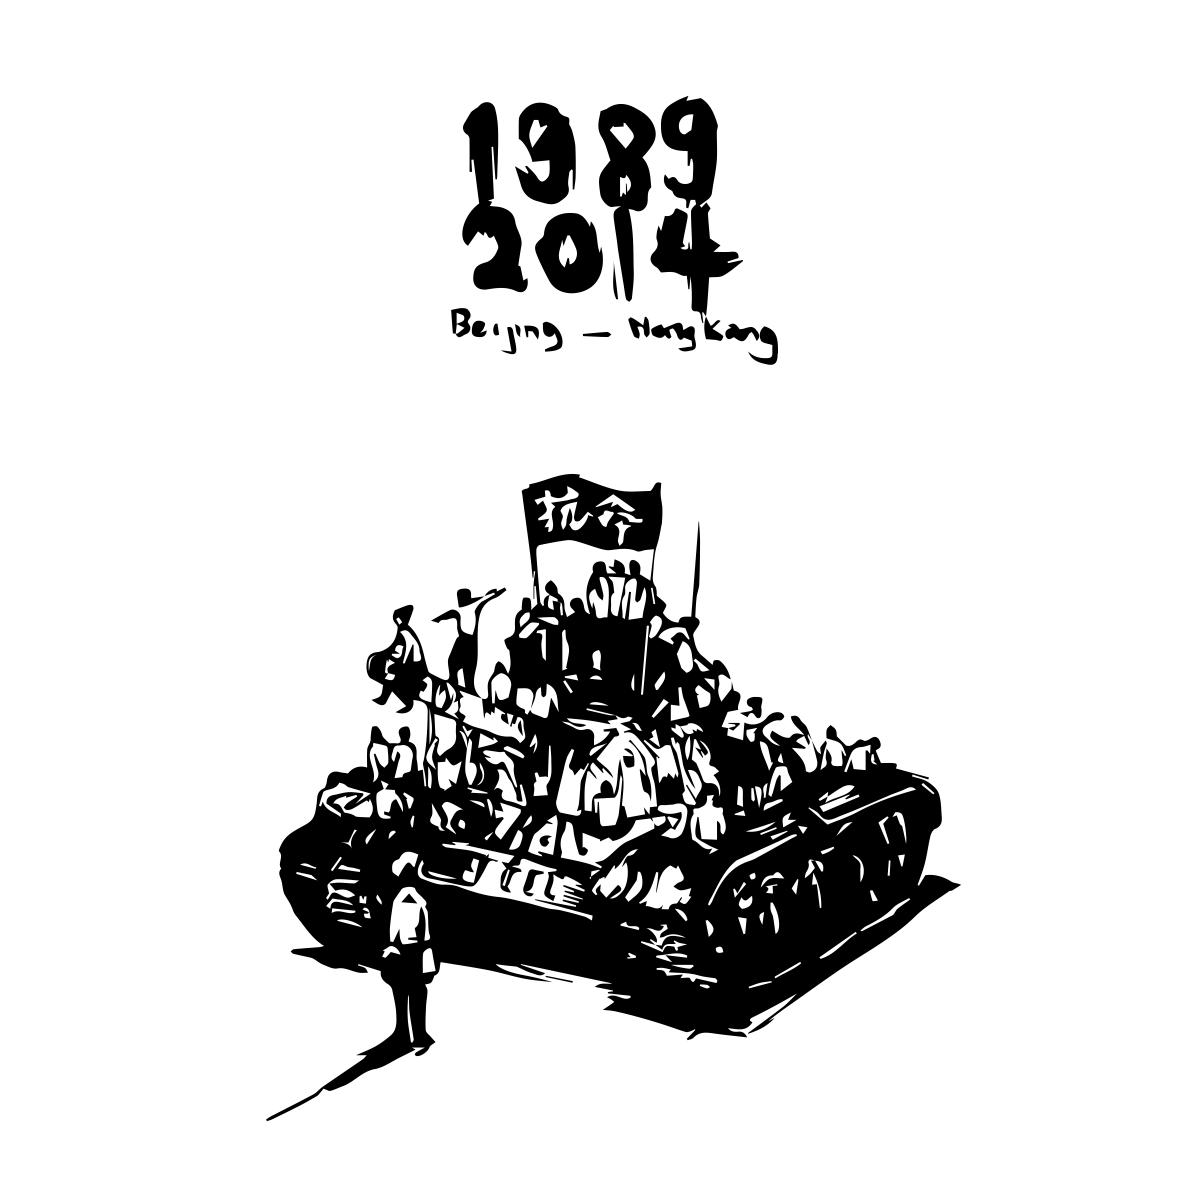 《佔領:1989-2014》,香港紀念六四事件多年,巴丟草將六四事件中的「坦克人」與雨傘運動的參與者並置在同一畫面,抗爭者佔領坦克,「坦克人」不再孤獨。